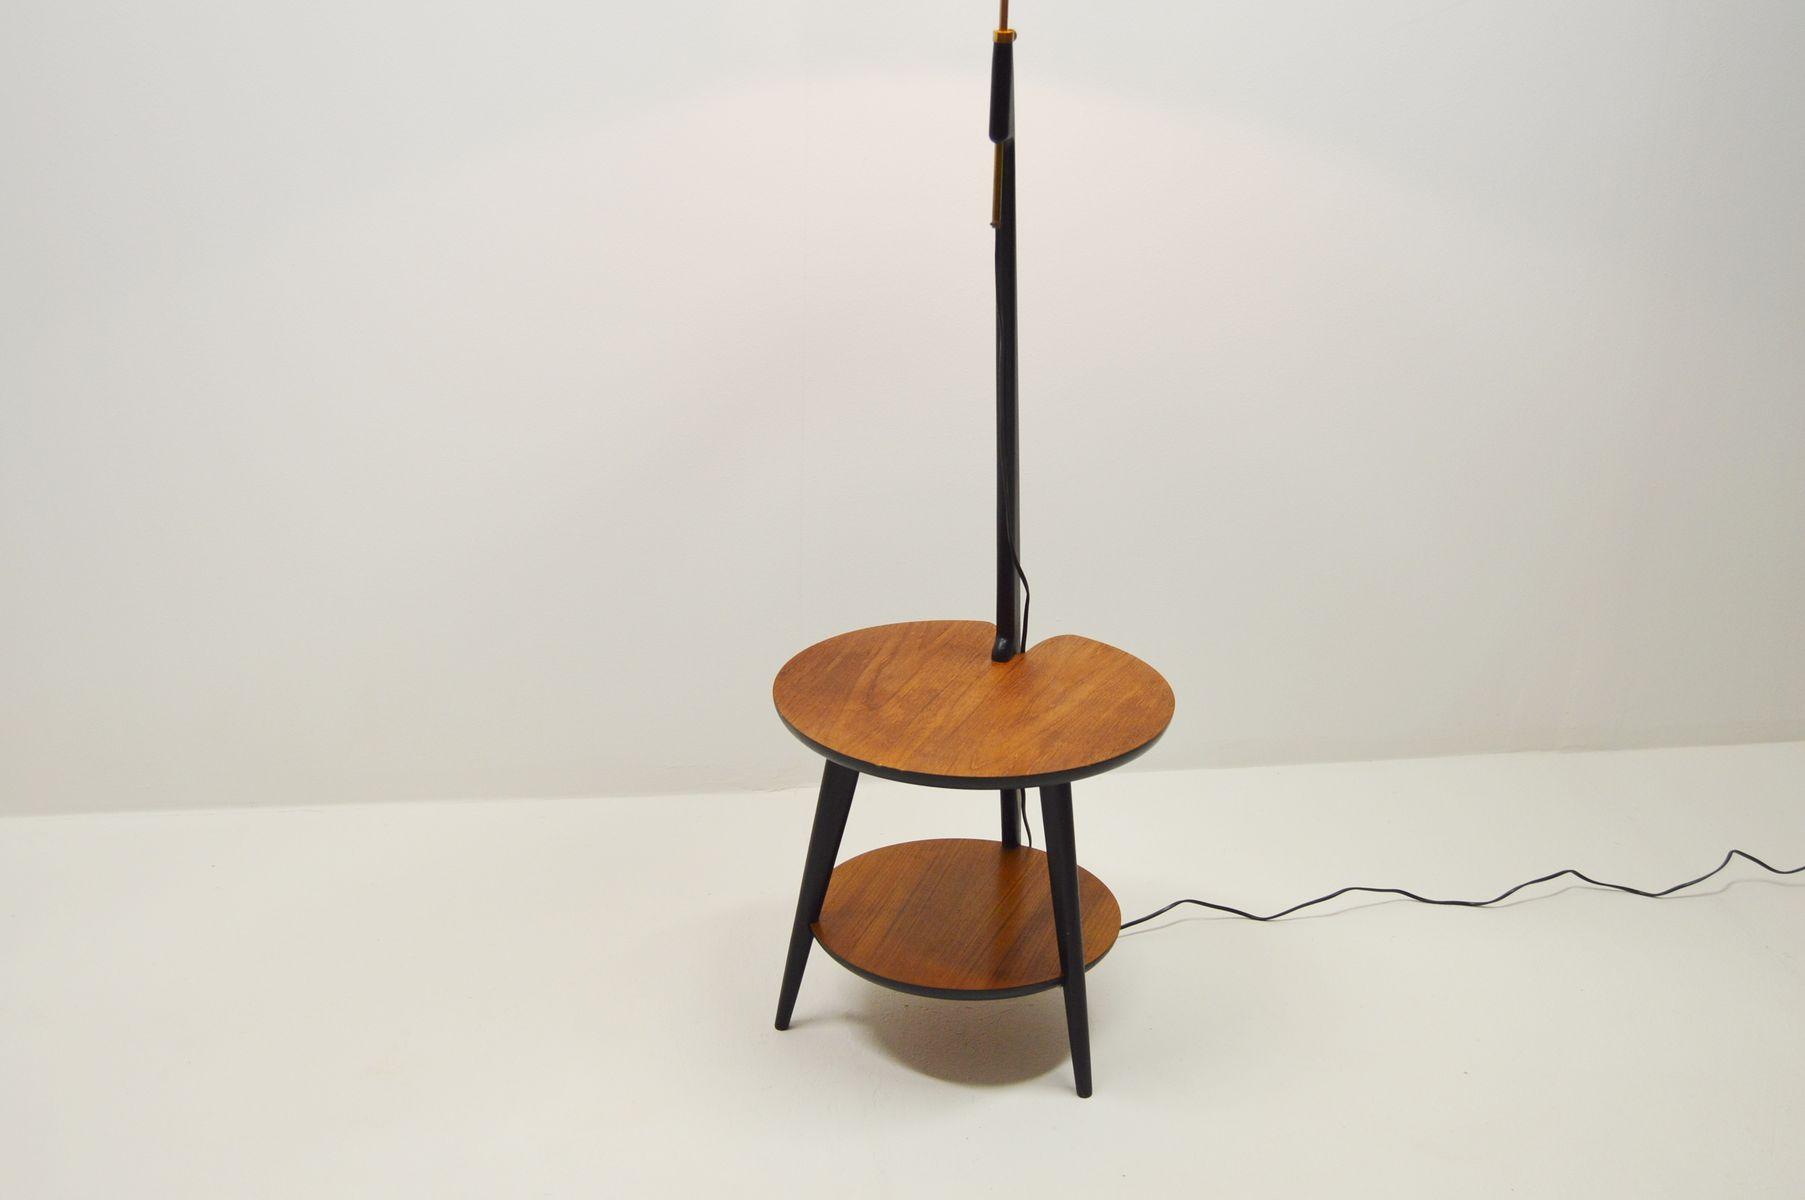 teak stehlampe mit ablage 1960s bei pamono kaufen. Black Bedroom Furniture Sets. Home Design Ideas